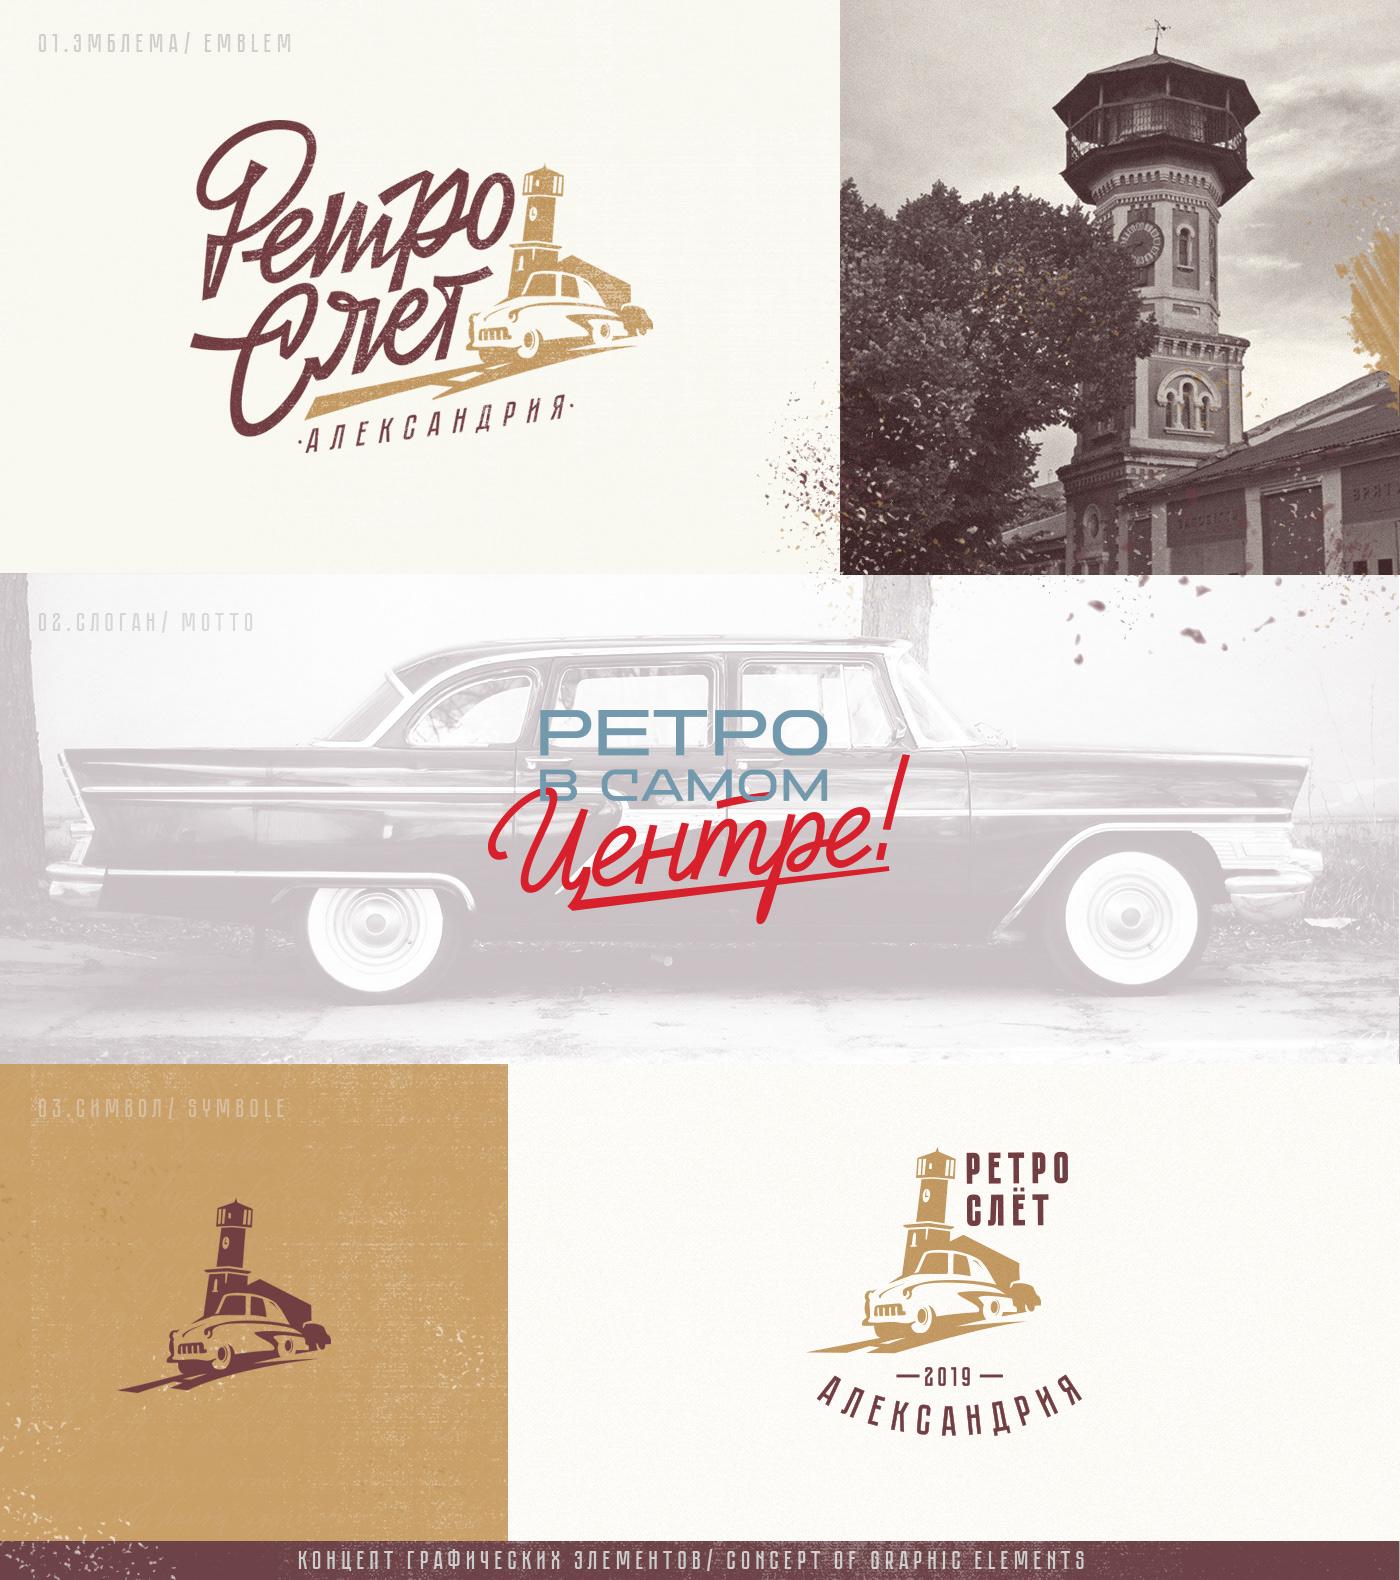 branding ,stationary,Retro,logo,red,festival,Cars,ukraine